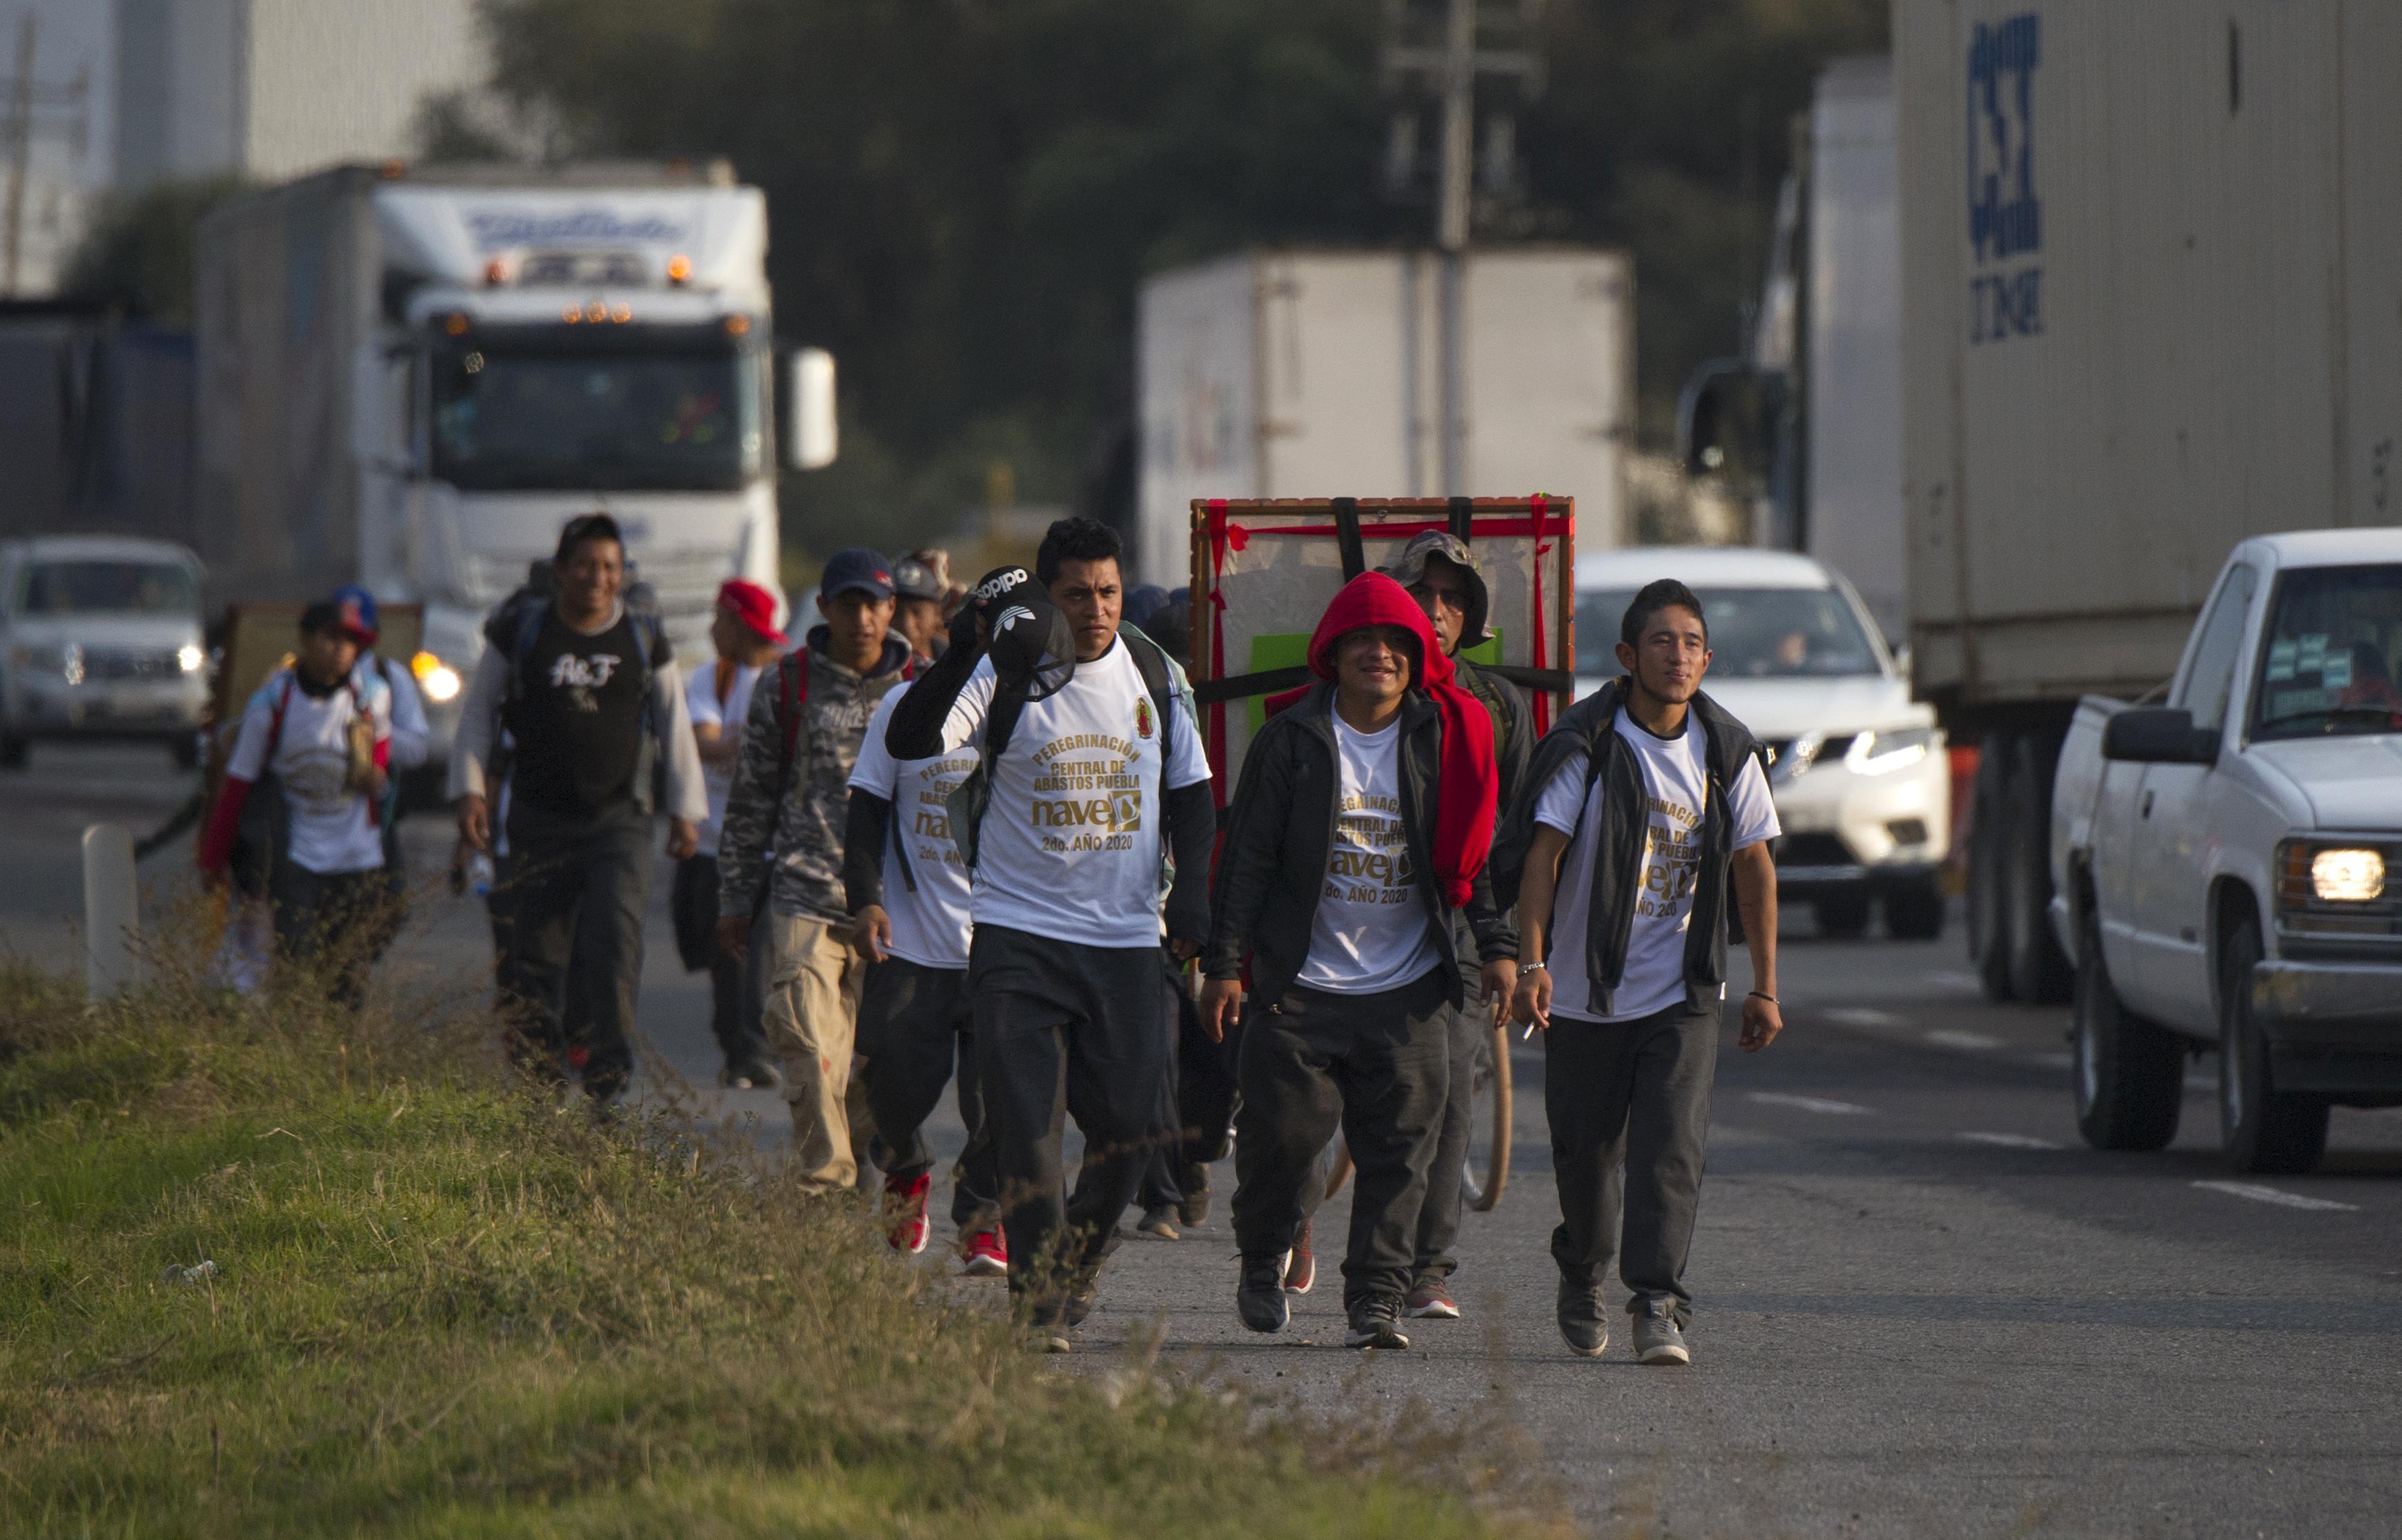 Carretera federal en Puebla, México, de camino a la Basílica de Guadalupe en la Ciudad de México, el 7 de diciembre de 2020.